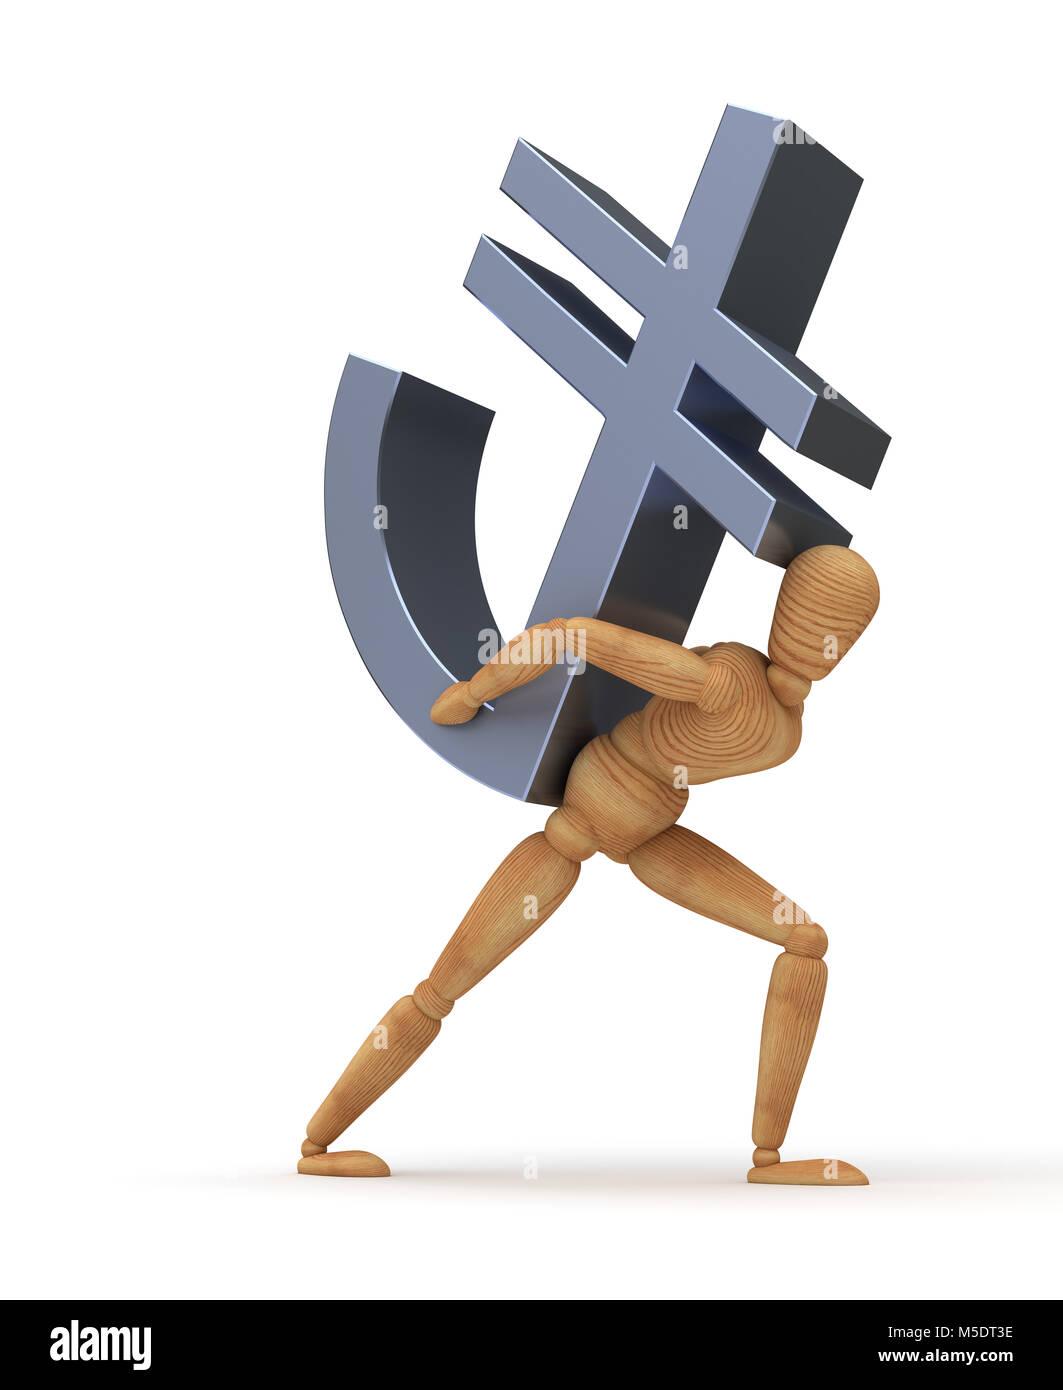 Transfering Turkish Lira (Isolated on white background) Stock Photo